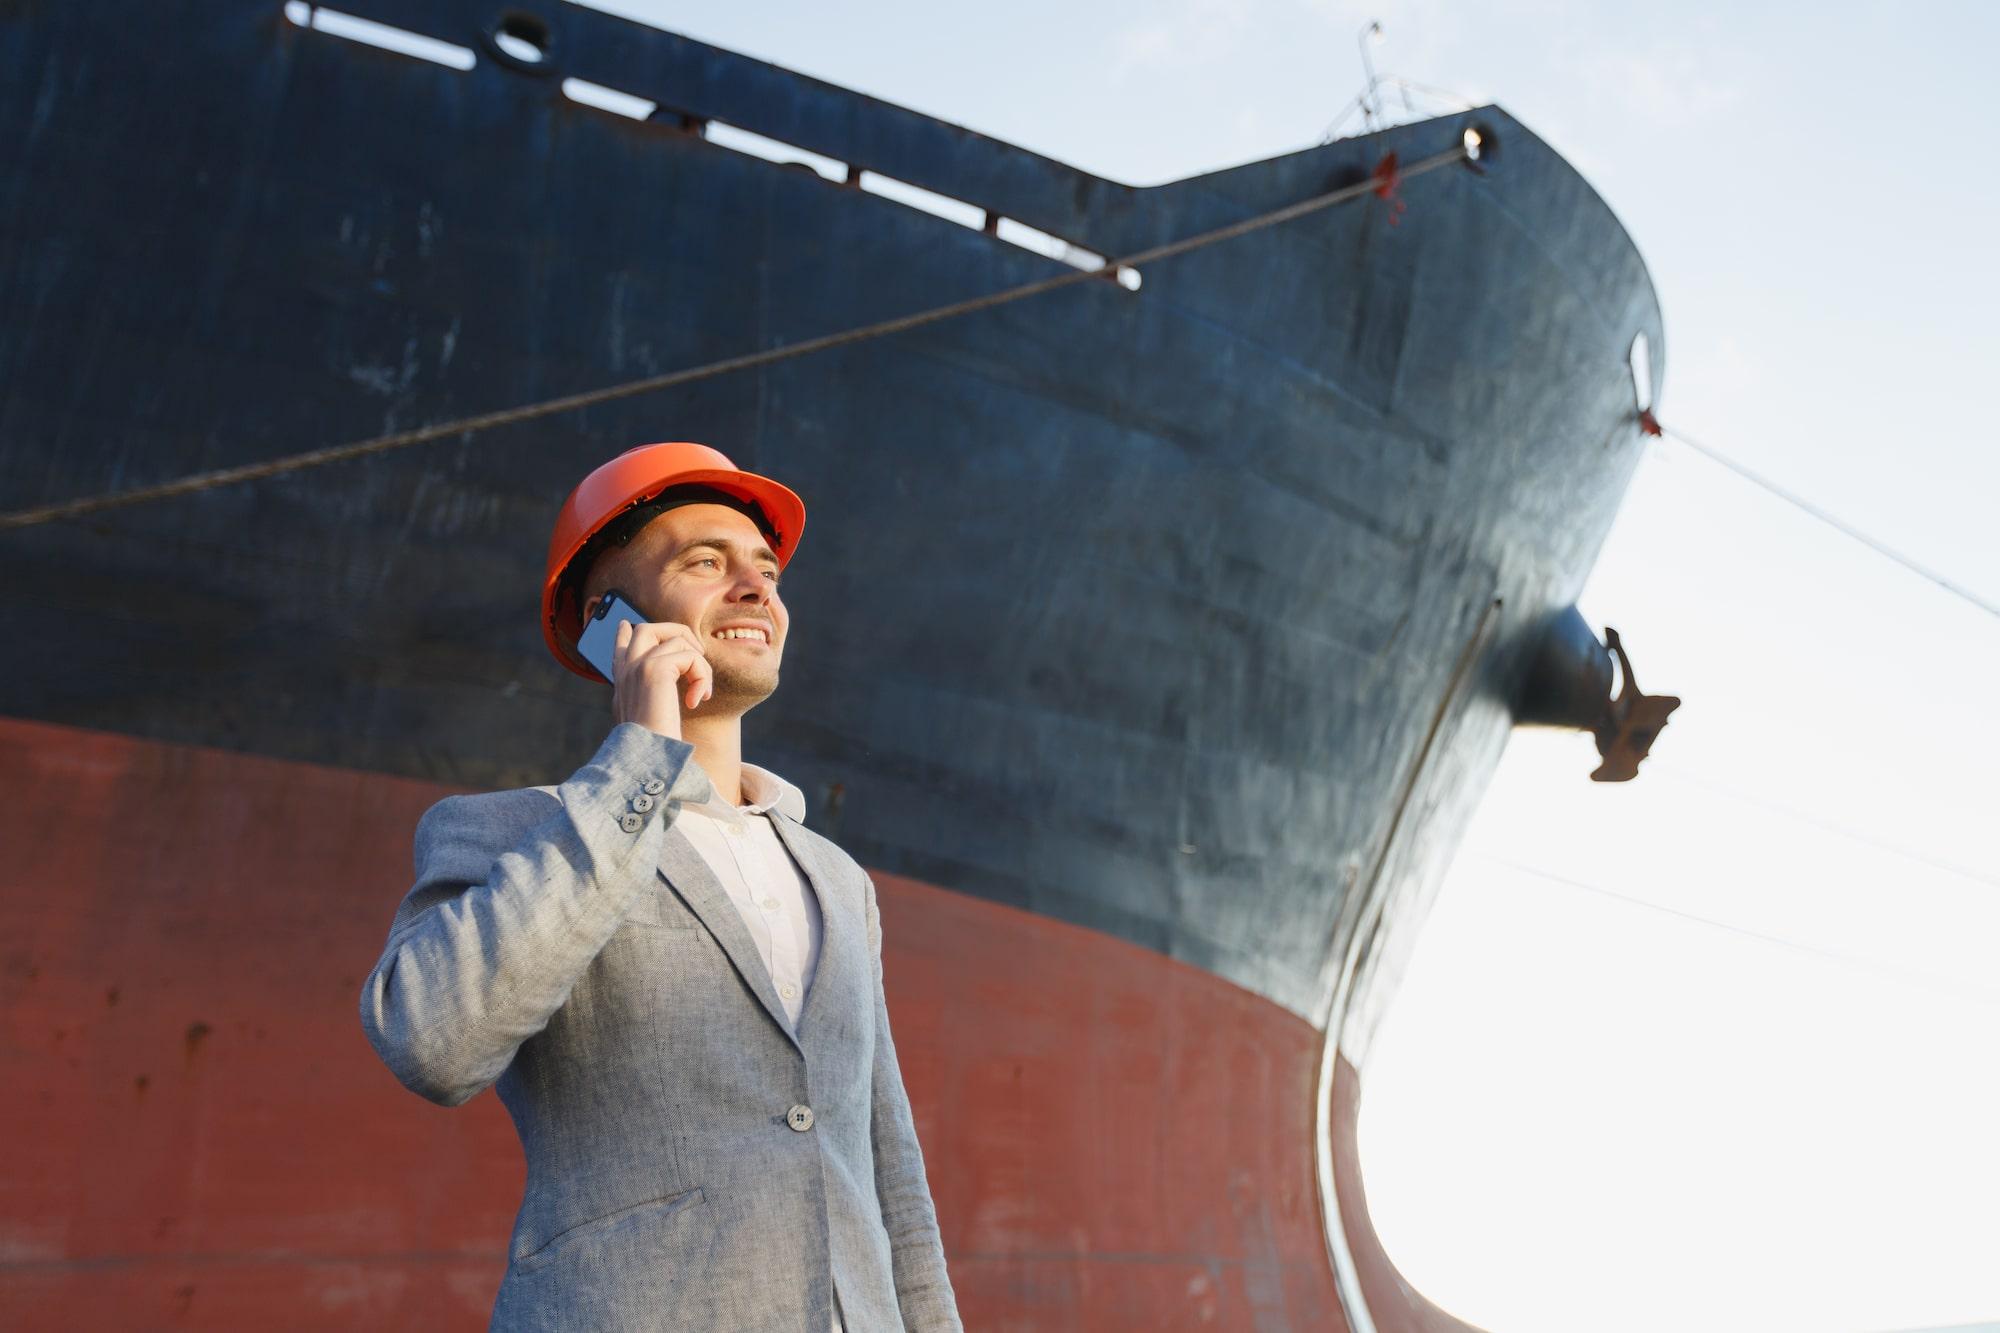 Man Ship outside